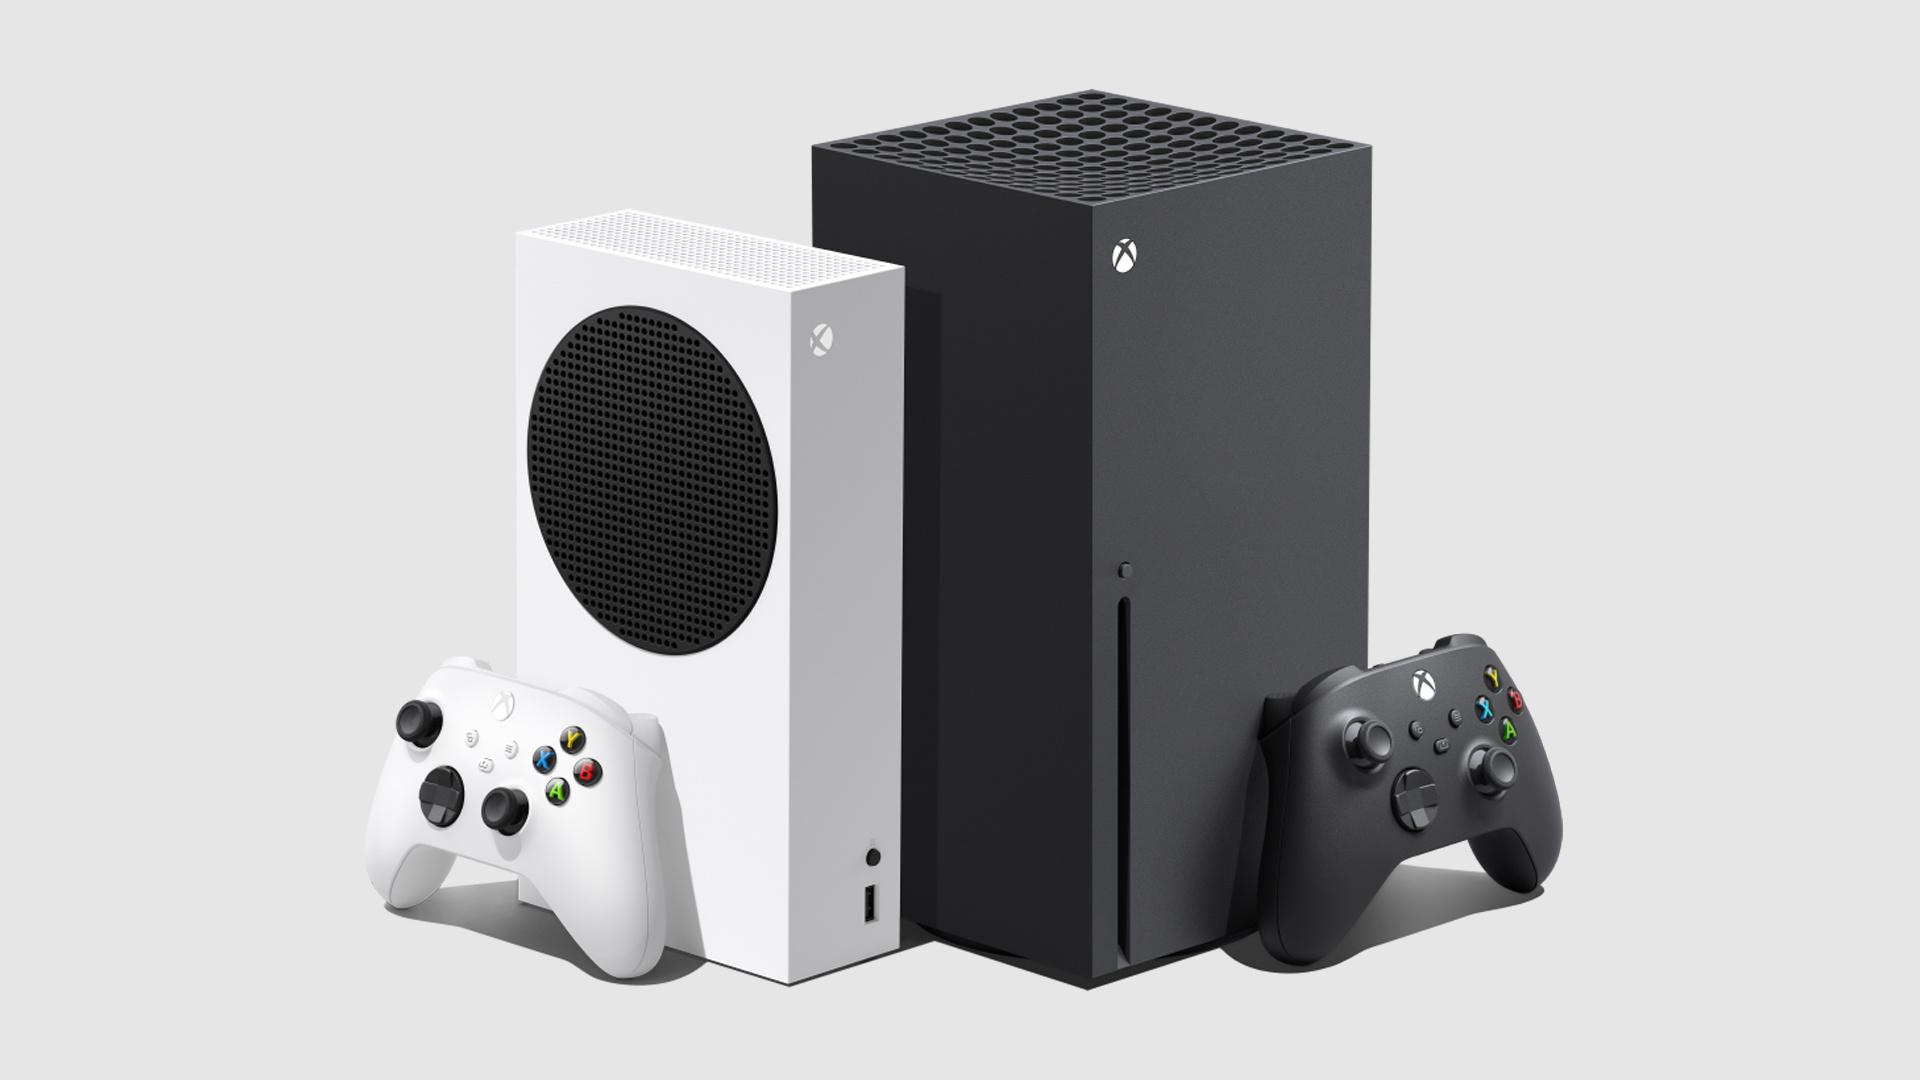 Microsoft ожидает, что дефицит поставок Xbox Series удержится до апреля 2021 года